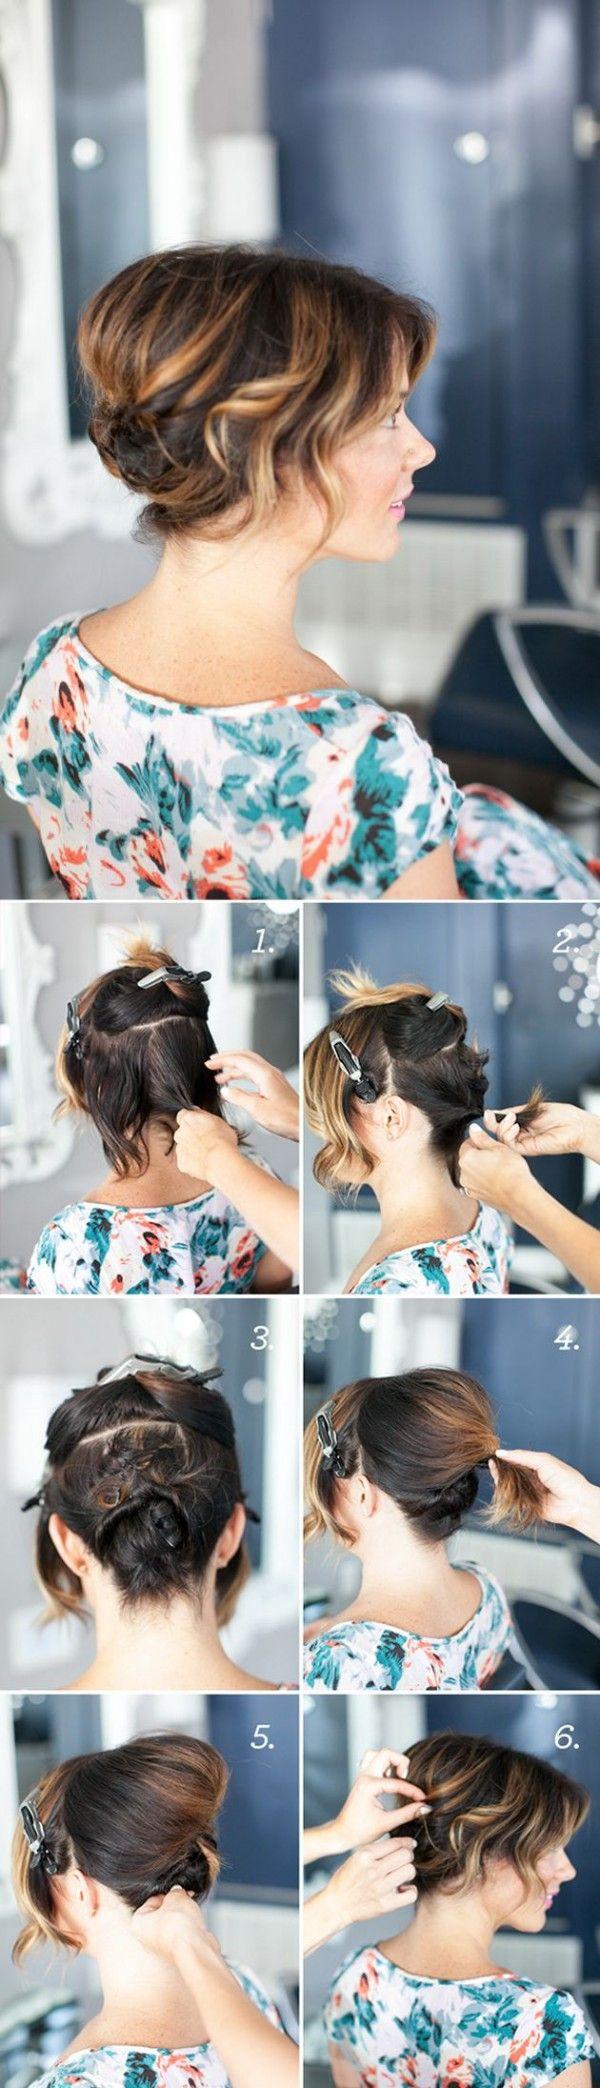 Peinados que te tomarán minutos si tienes el cabello corto hair